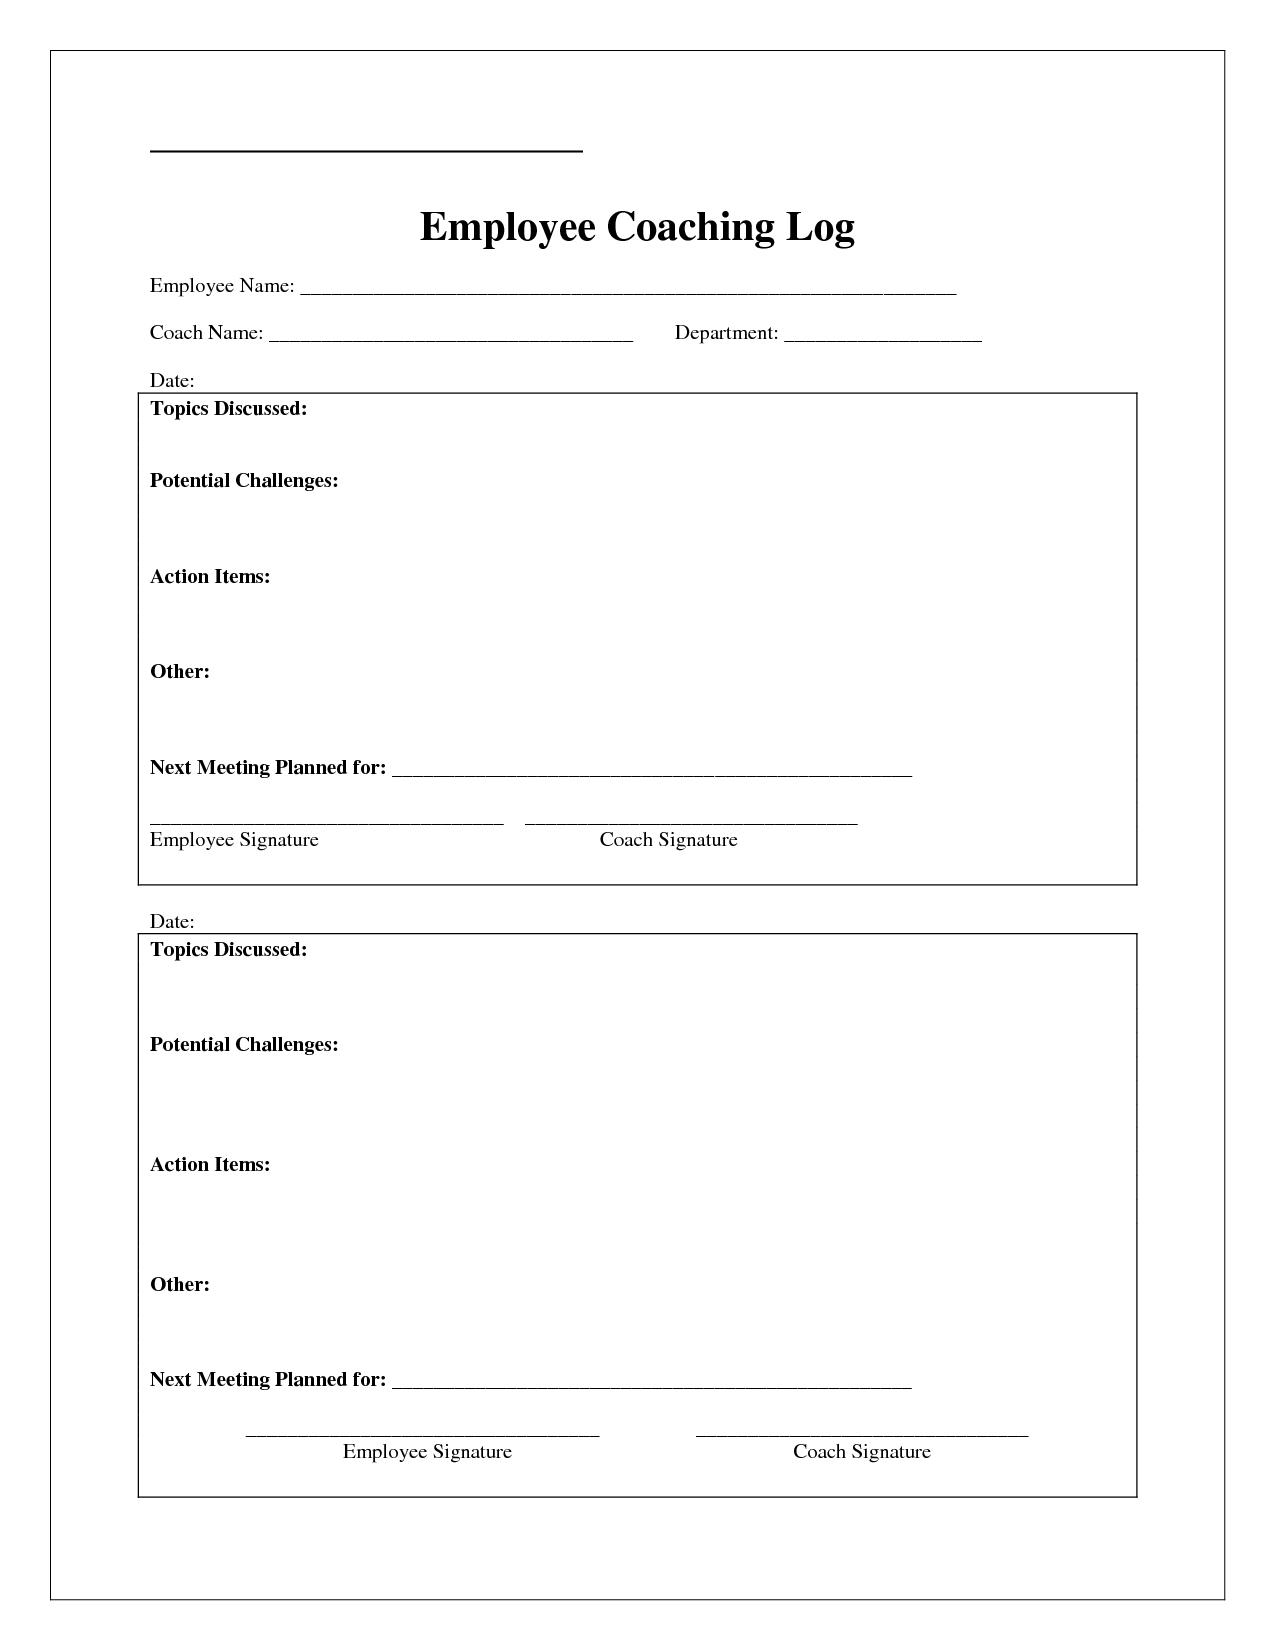 Coaching Log Template